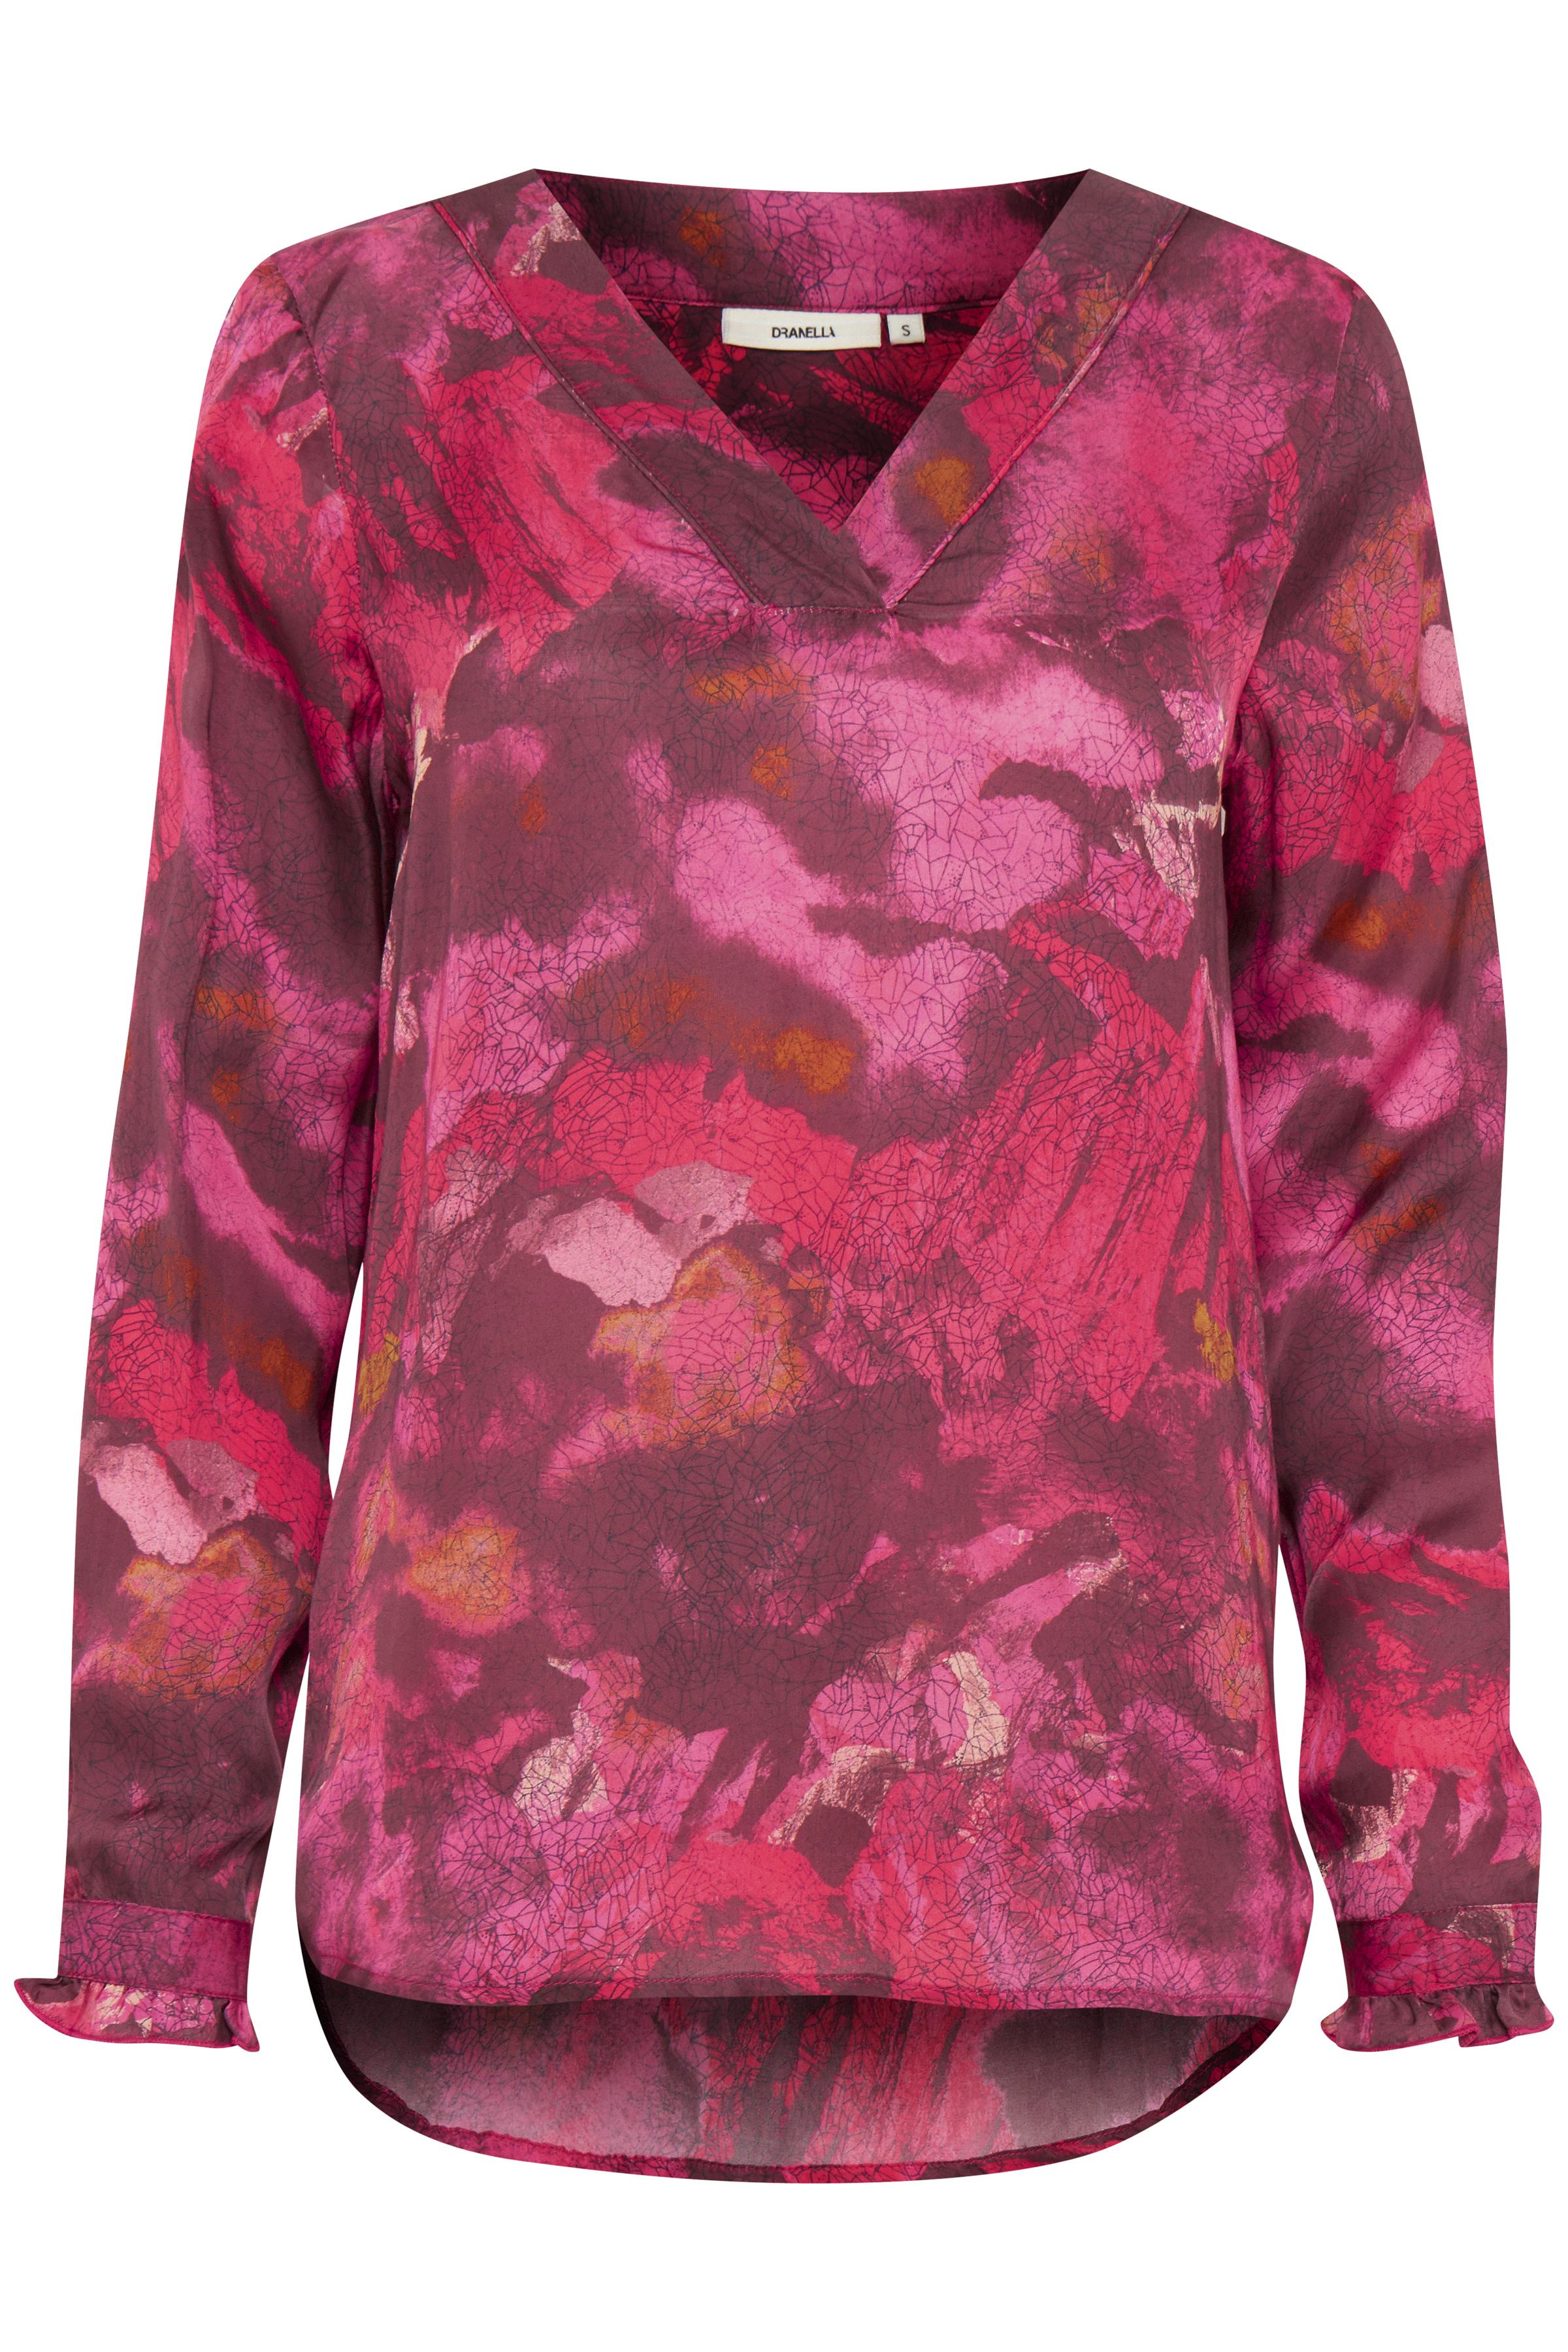 Hallonröd Långärmad blus från Dranella – Köp Hallonröd Långärmad blus från stl. XS-XXL här